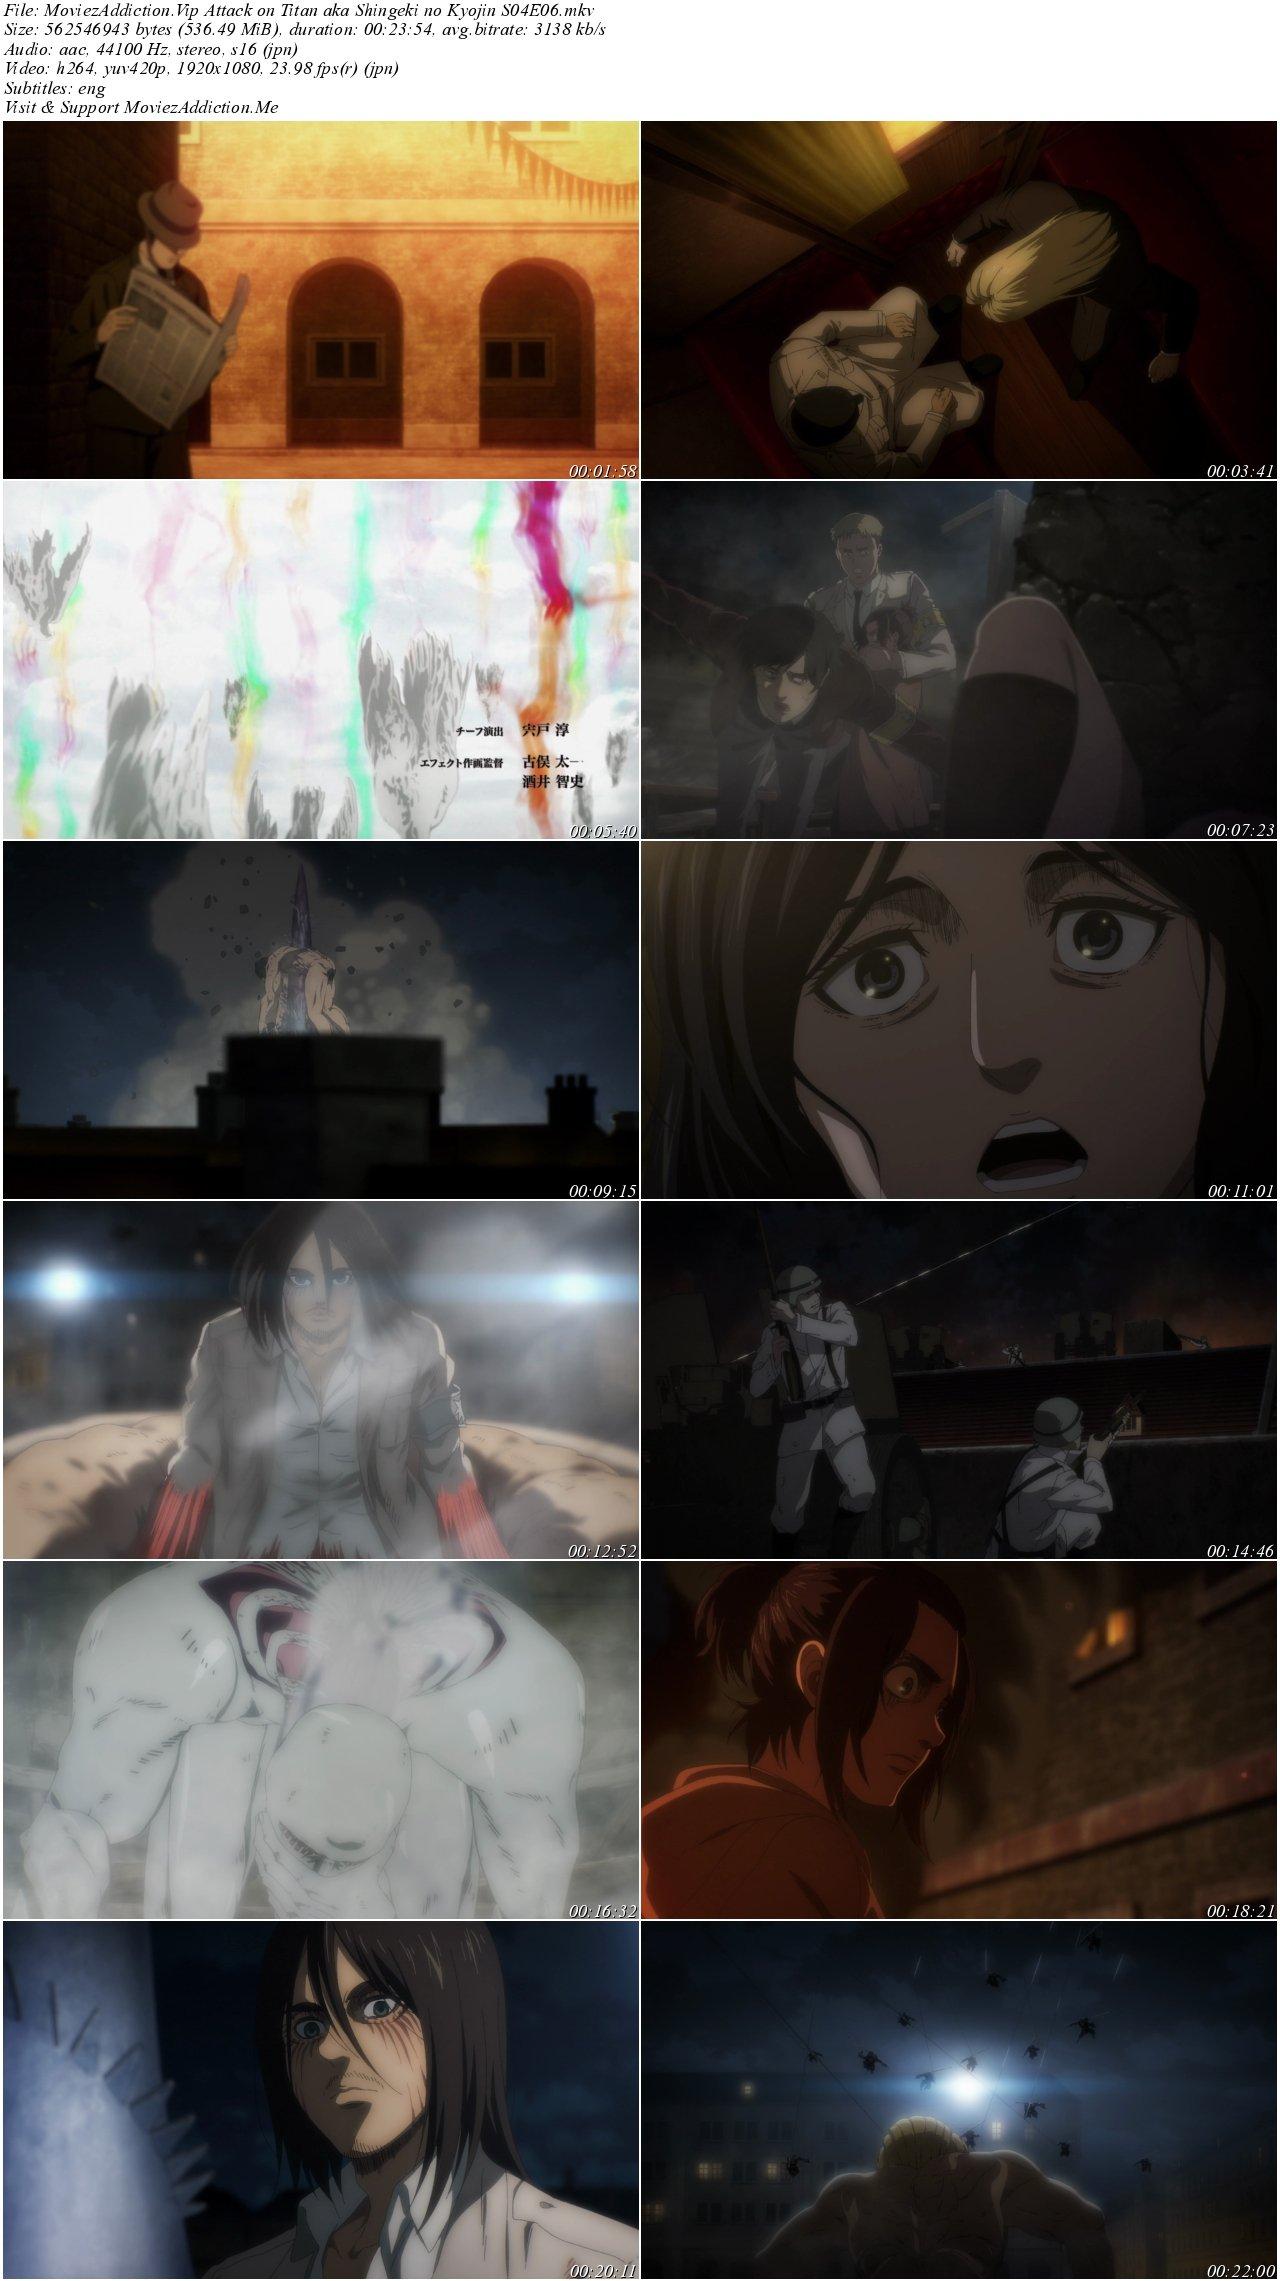 Attack on Titan S04